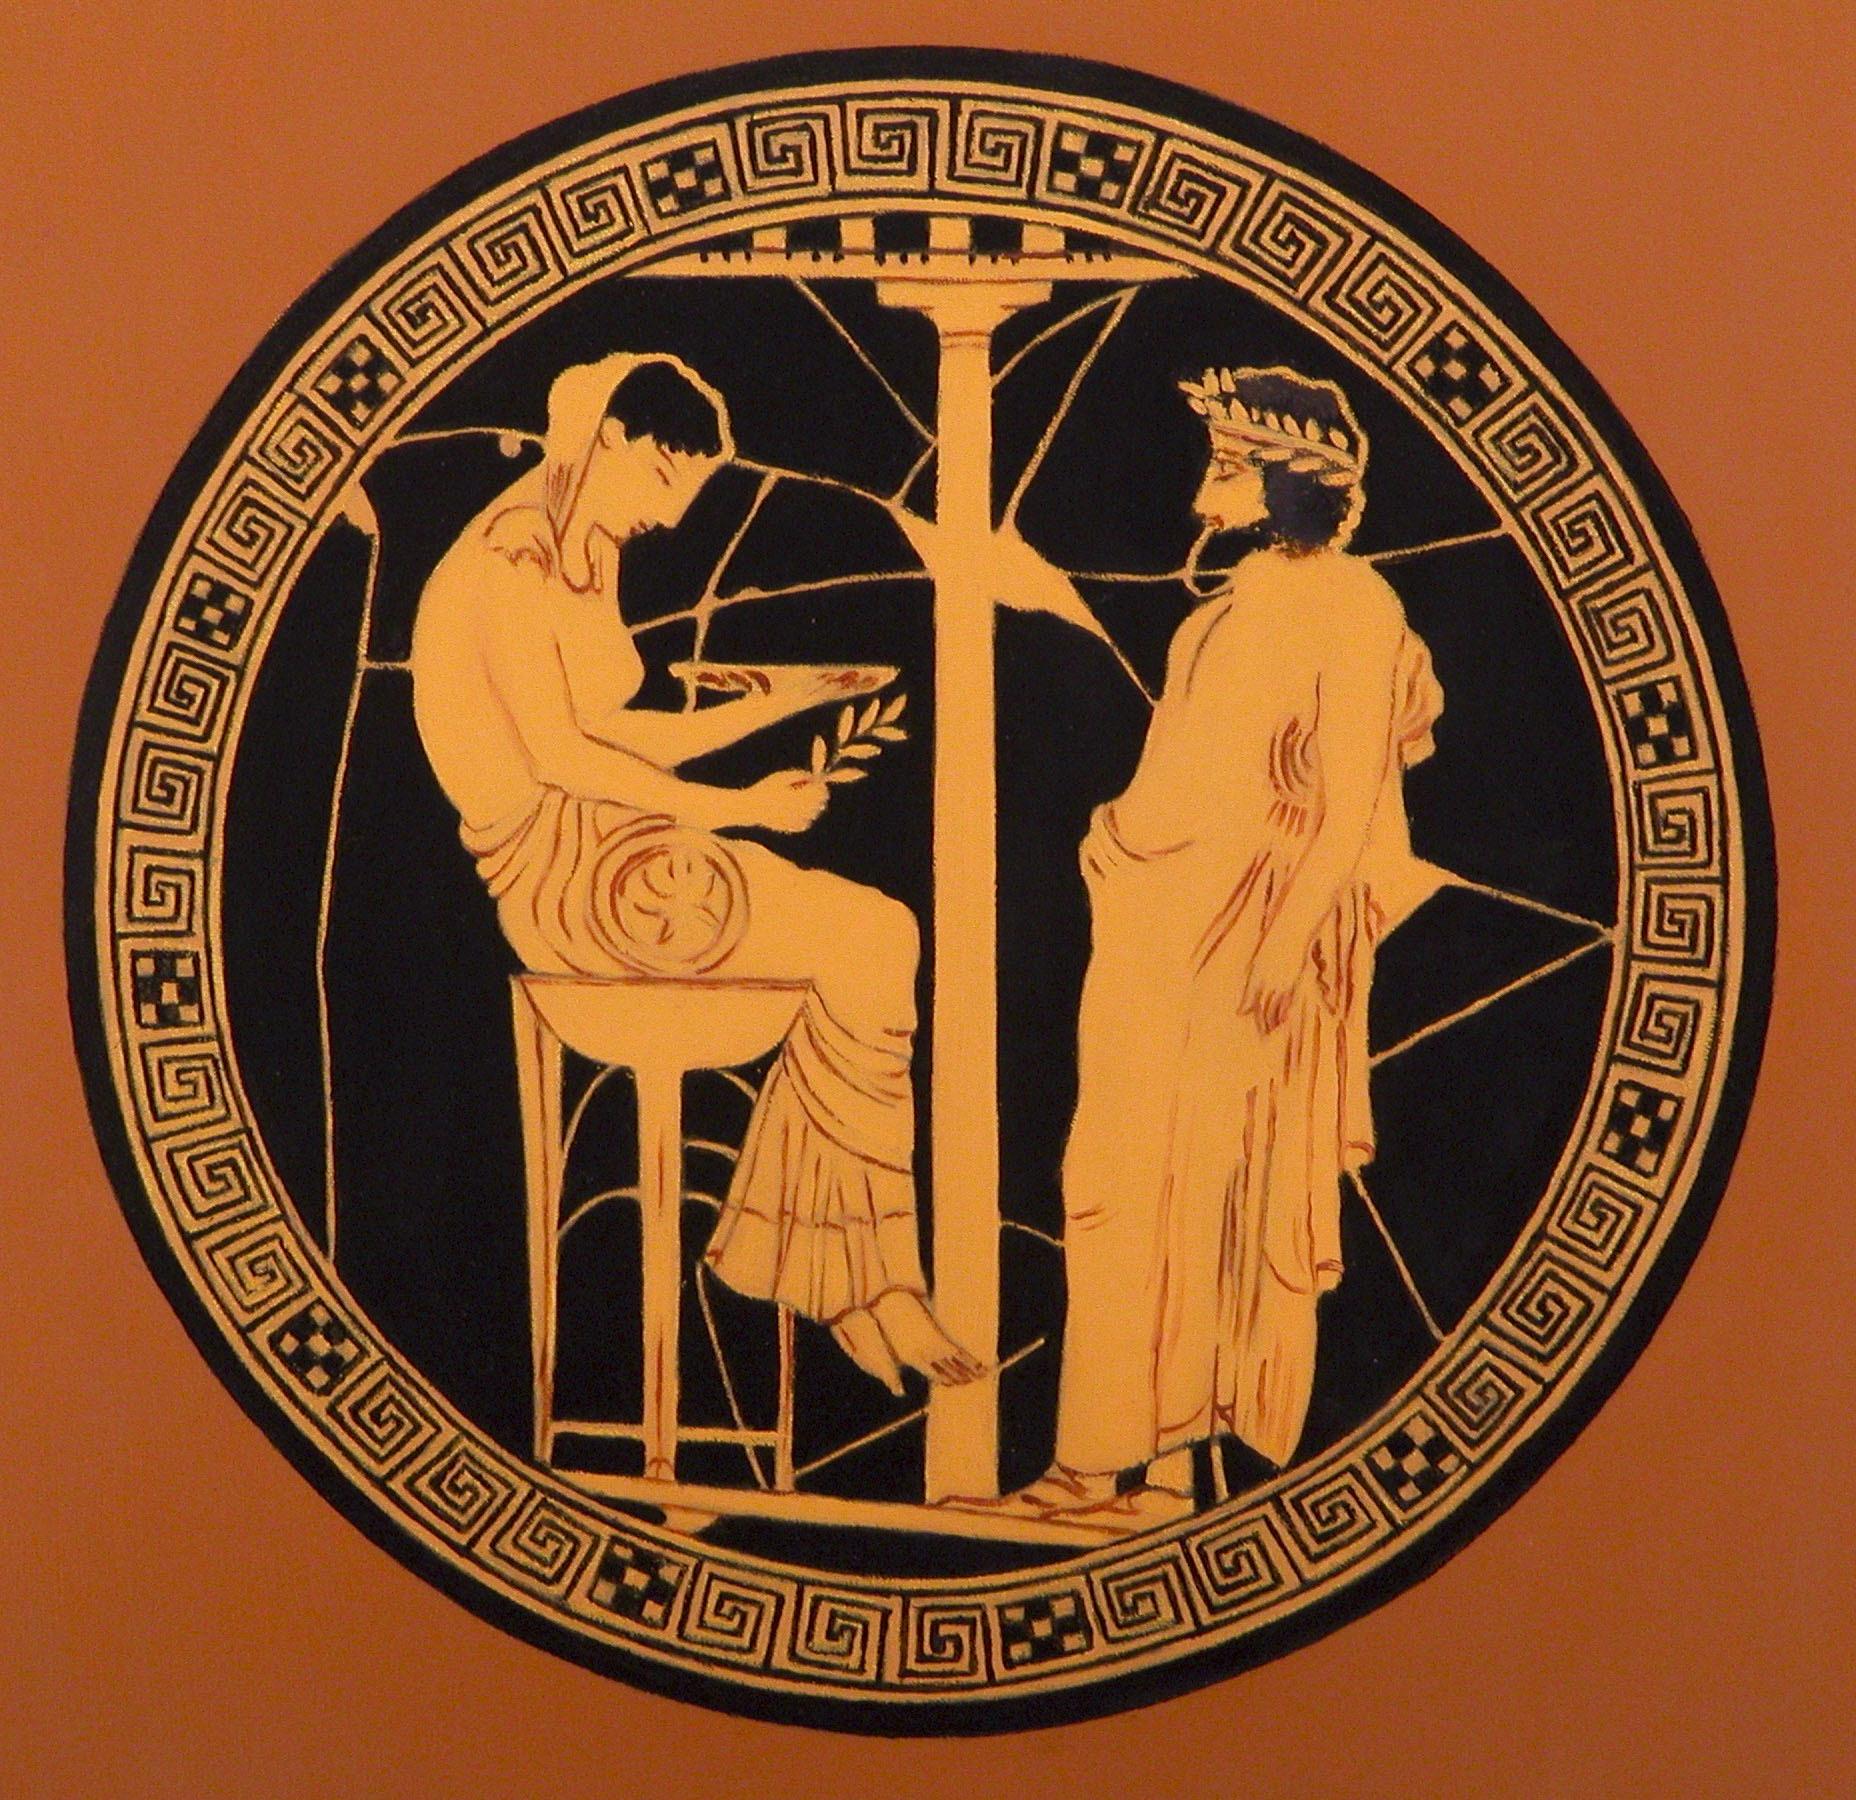 2007 roberta rossi - Egeo consulta l'oracolo di Temi a Delfi - olio su tavola - 25 x 25